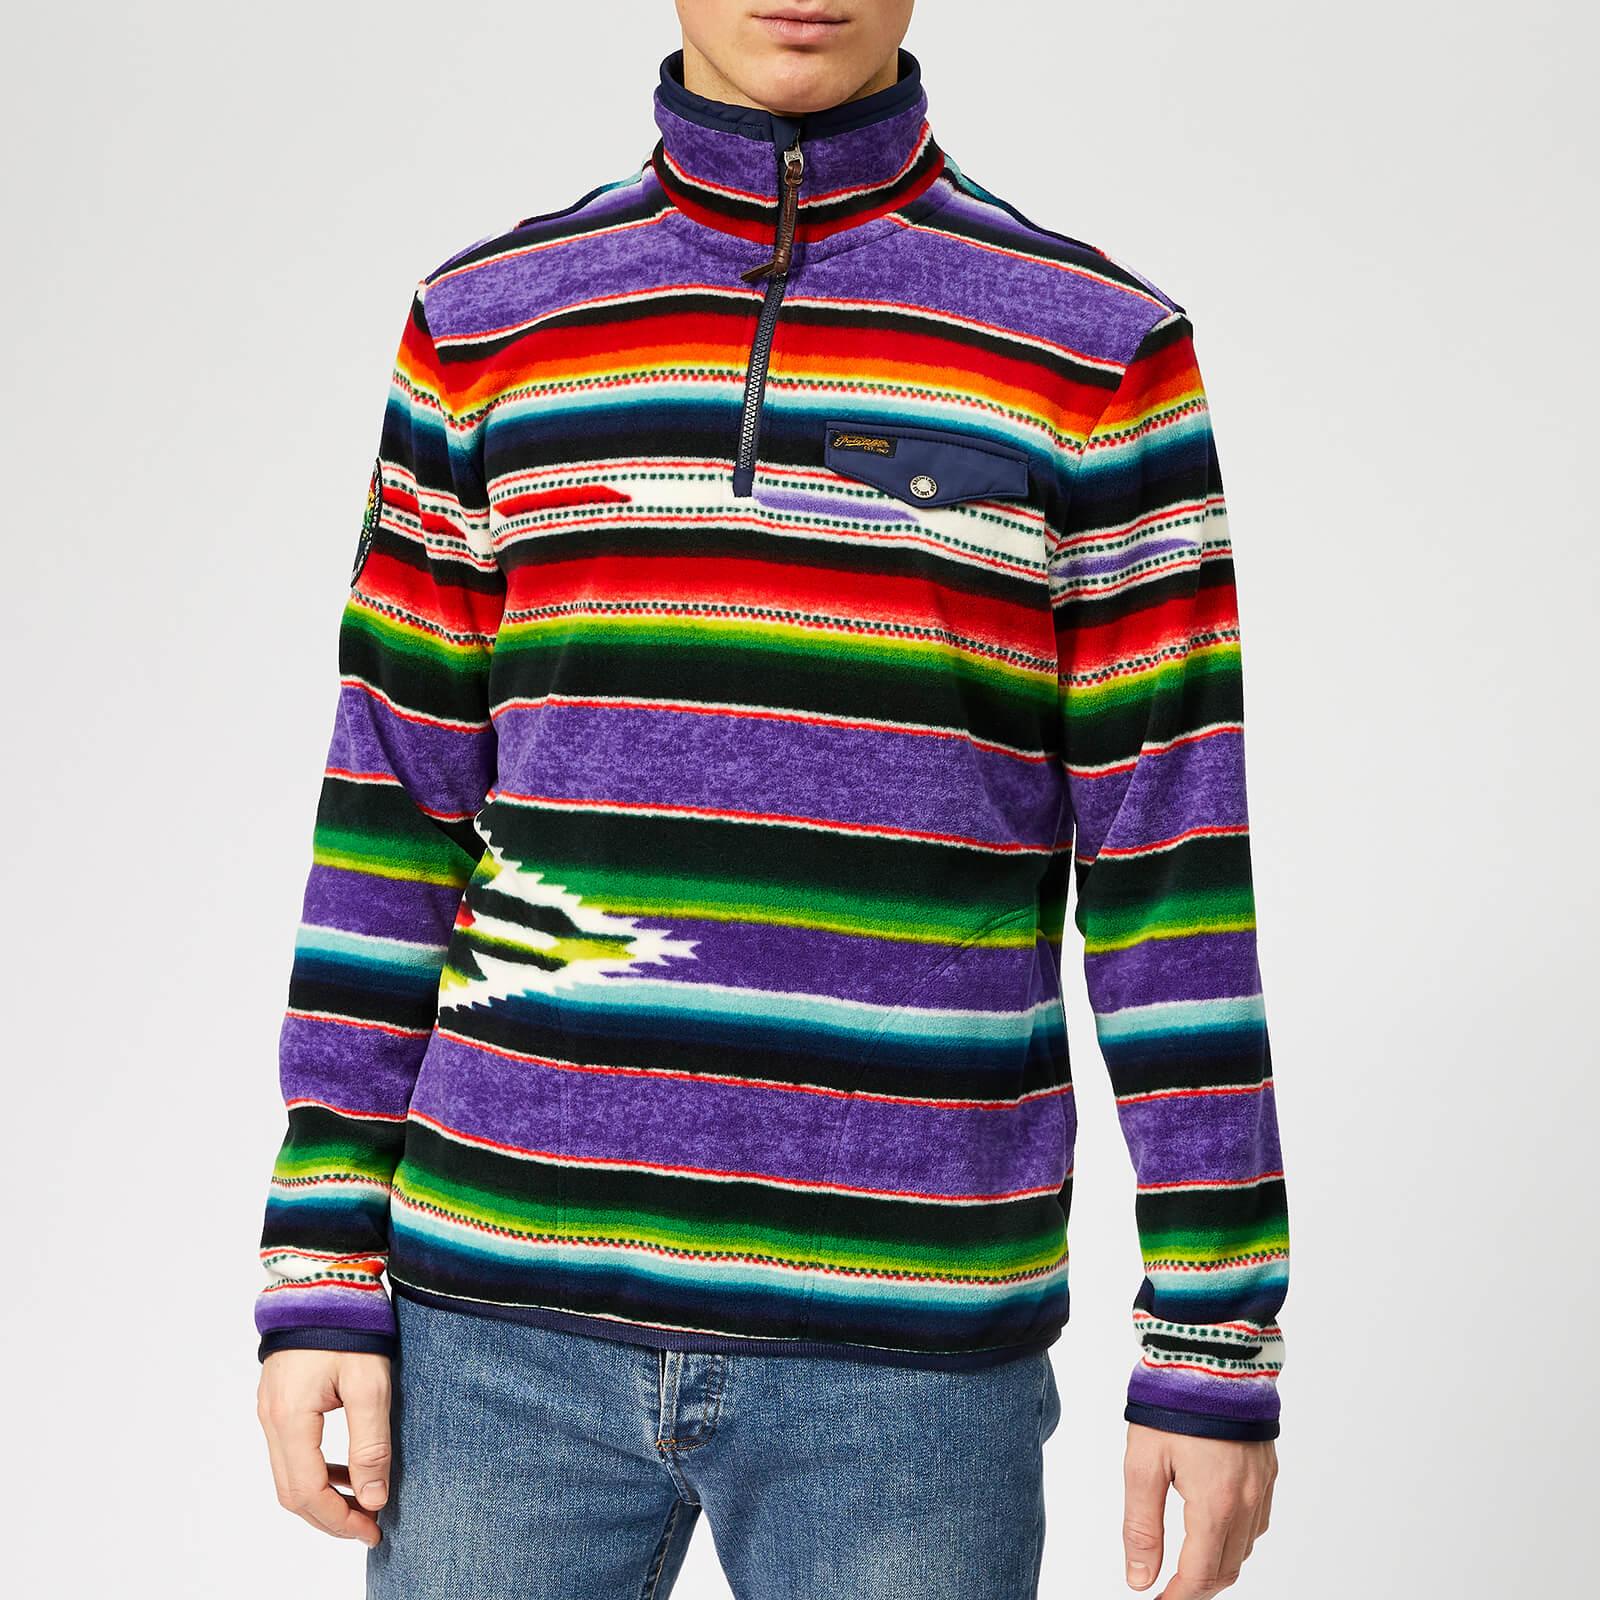 ankommen Turnschuhe beste website Polo Ralph Lauren Men's Sportsman Funnel Neck Fleece Sweatshirt - Purple  Serape Multi